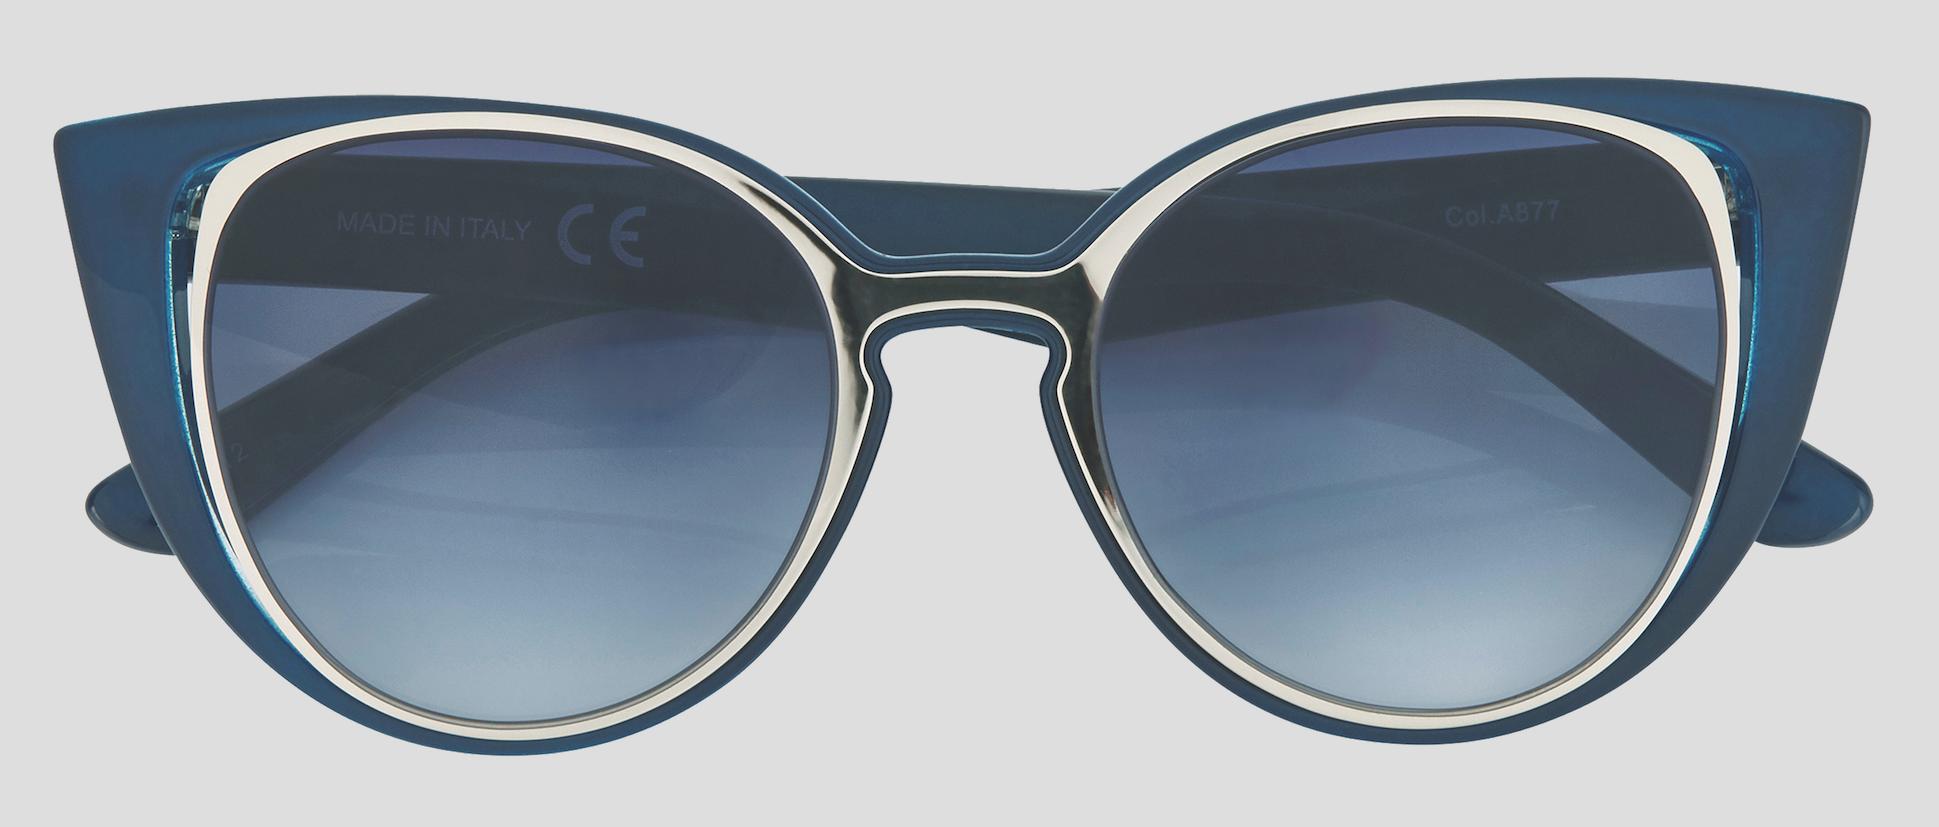 Divenbrille gesehen bei Madeleine